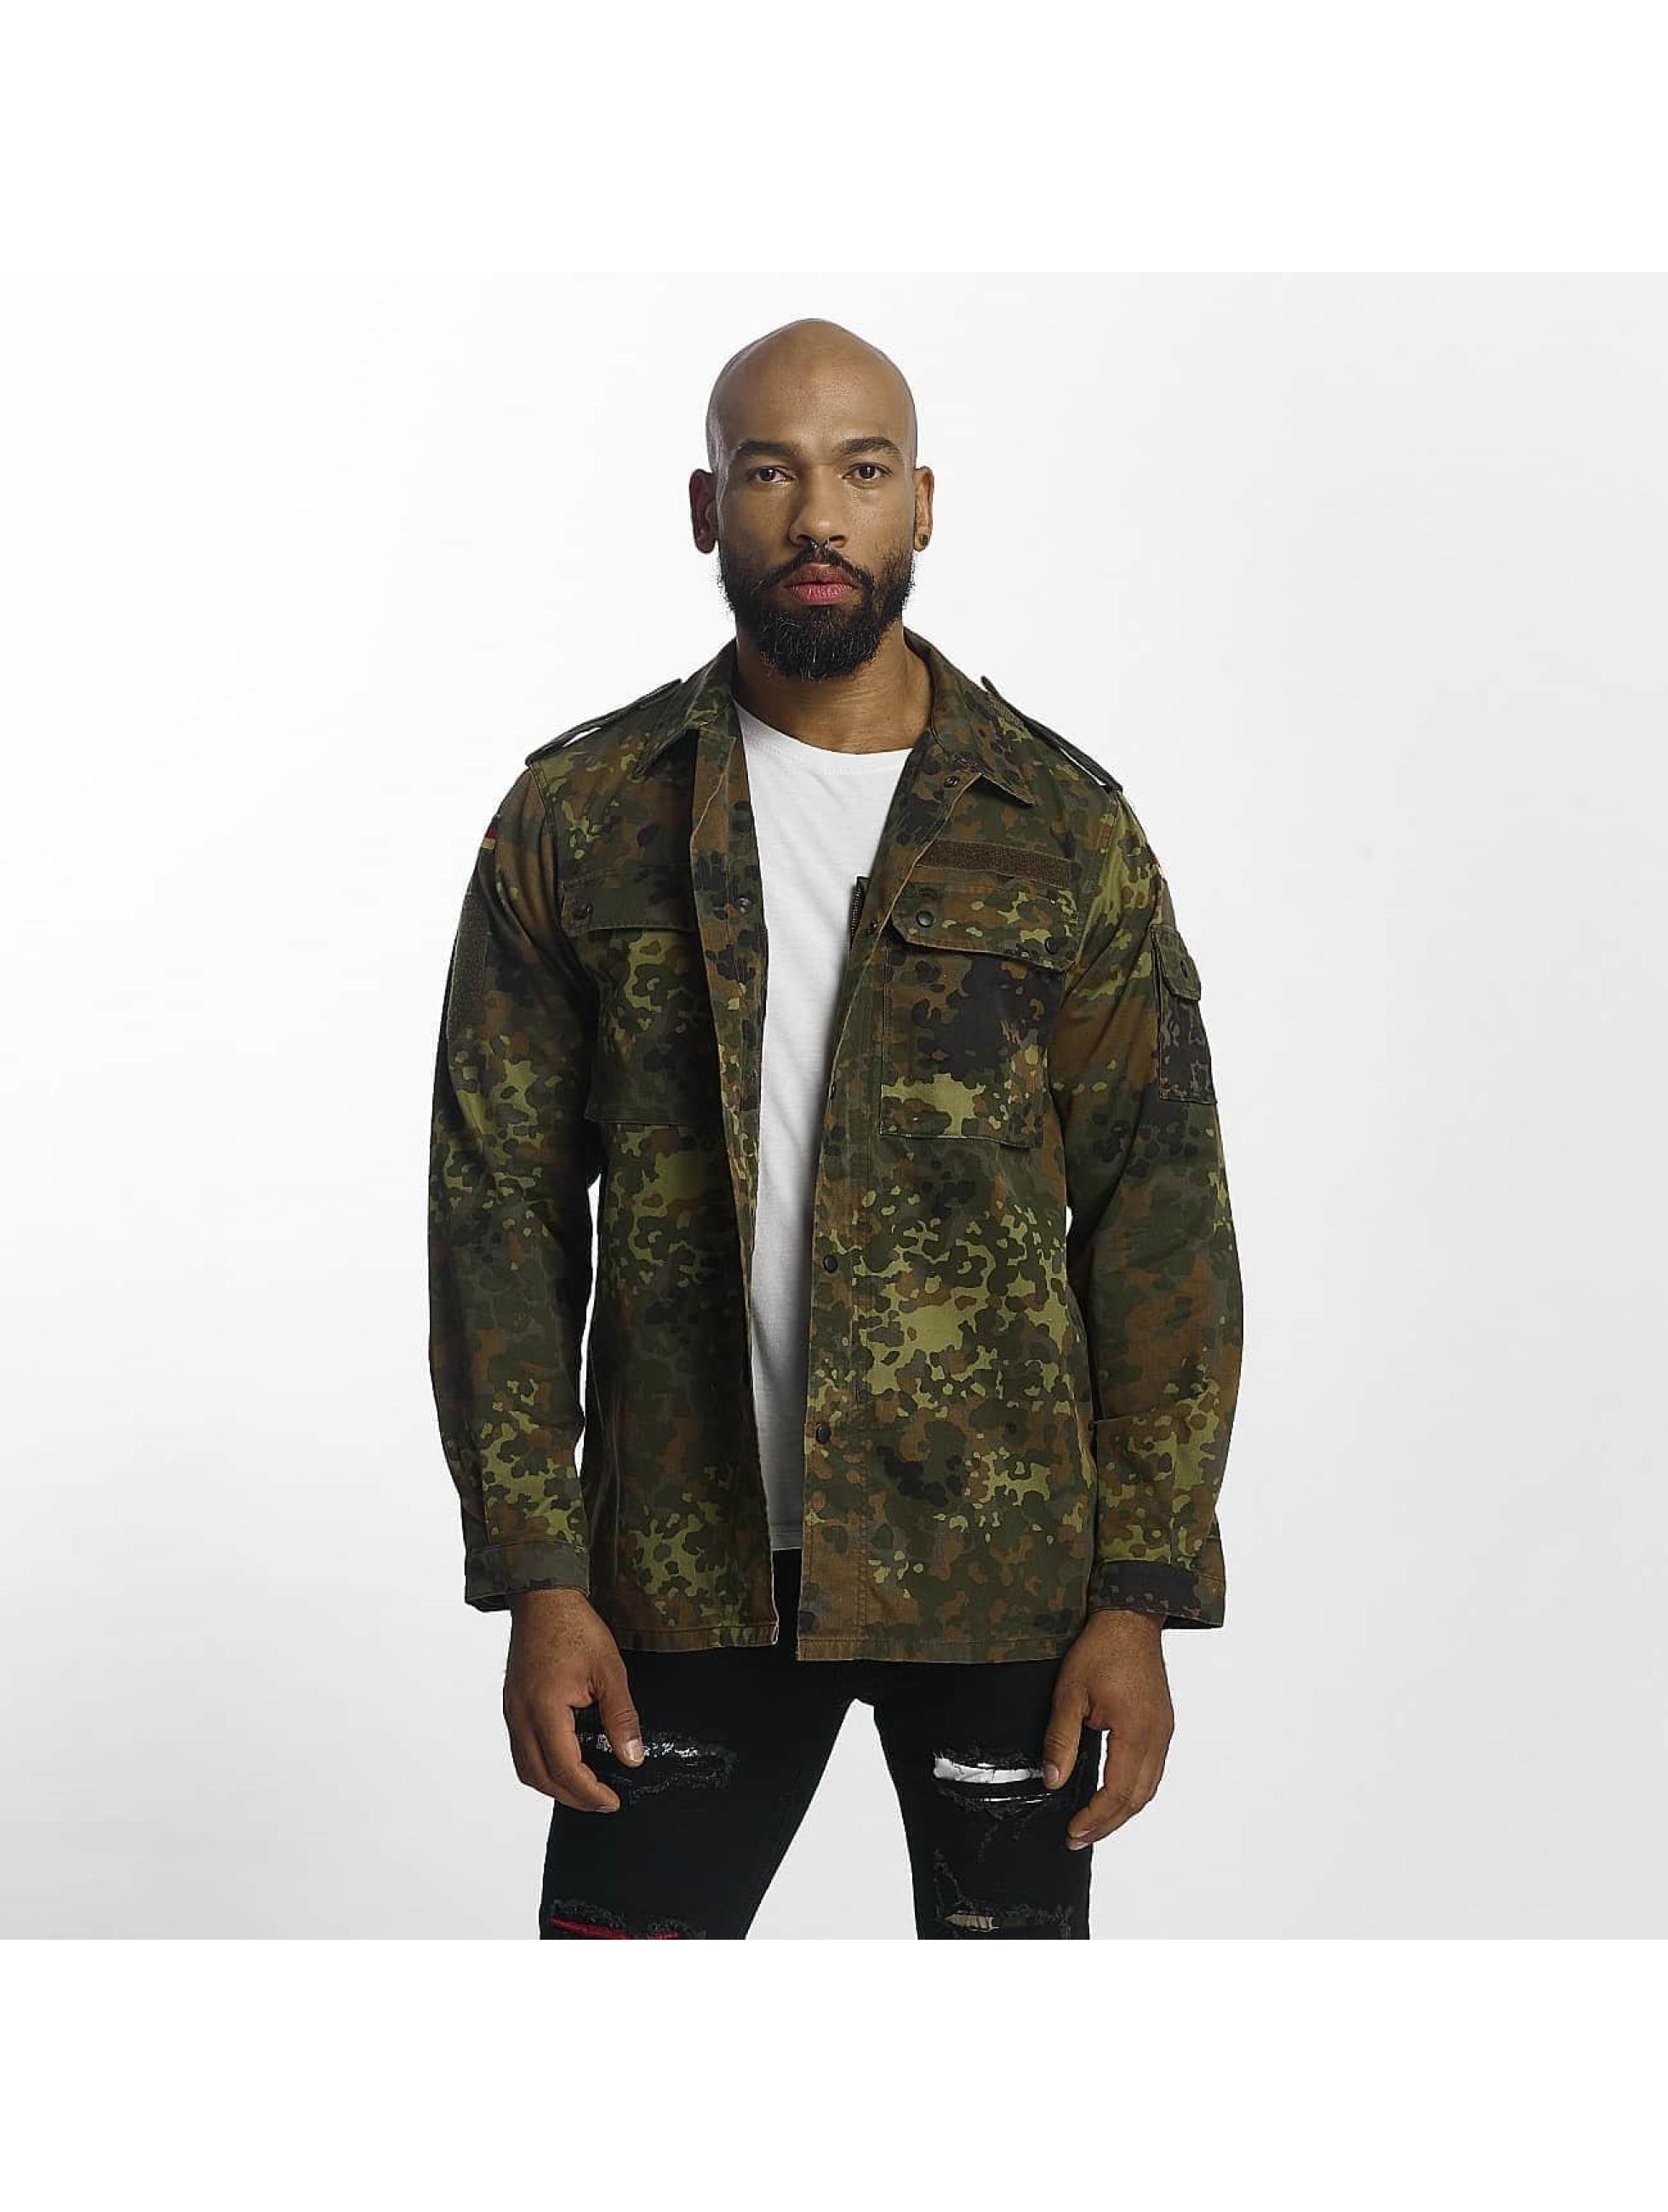 Soniush Veste mi-saison légère Defshop Exclusive Locals Only! camouflage